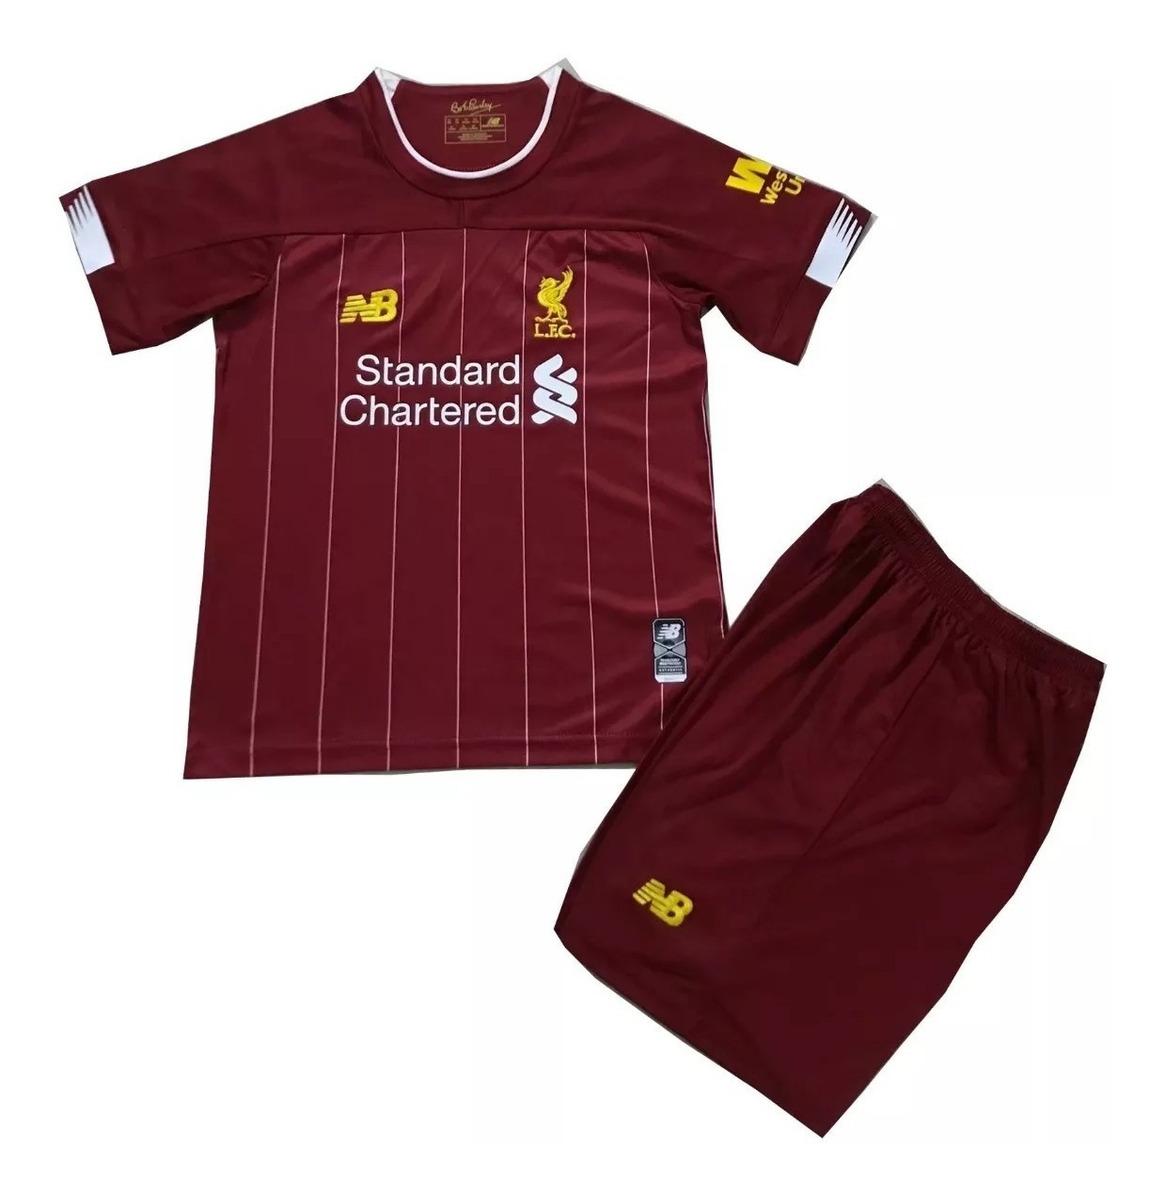 750eed7377 Kit Infantil Liverpool 2019/2020 - Pronta Entrega - R$ 149,99 em ...